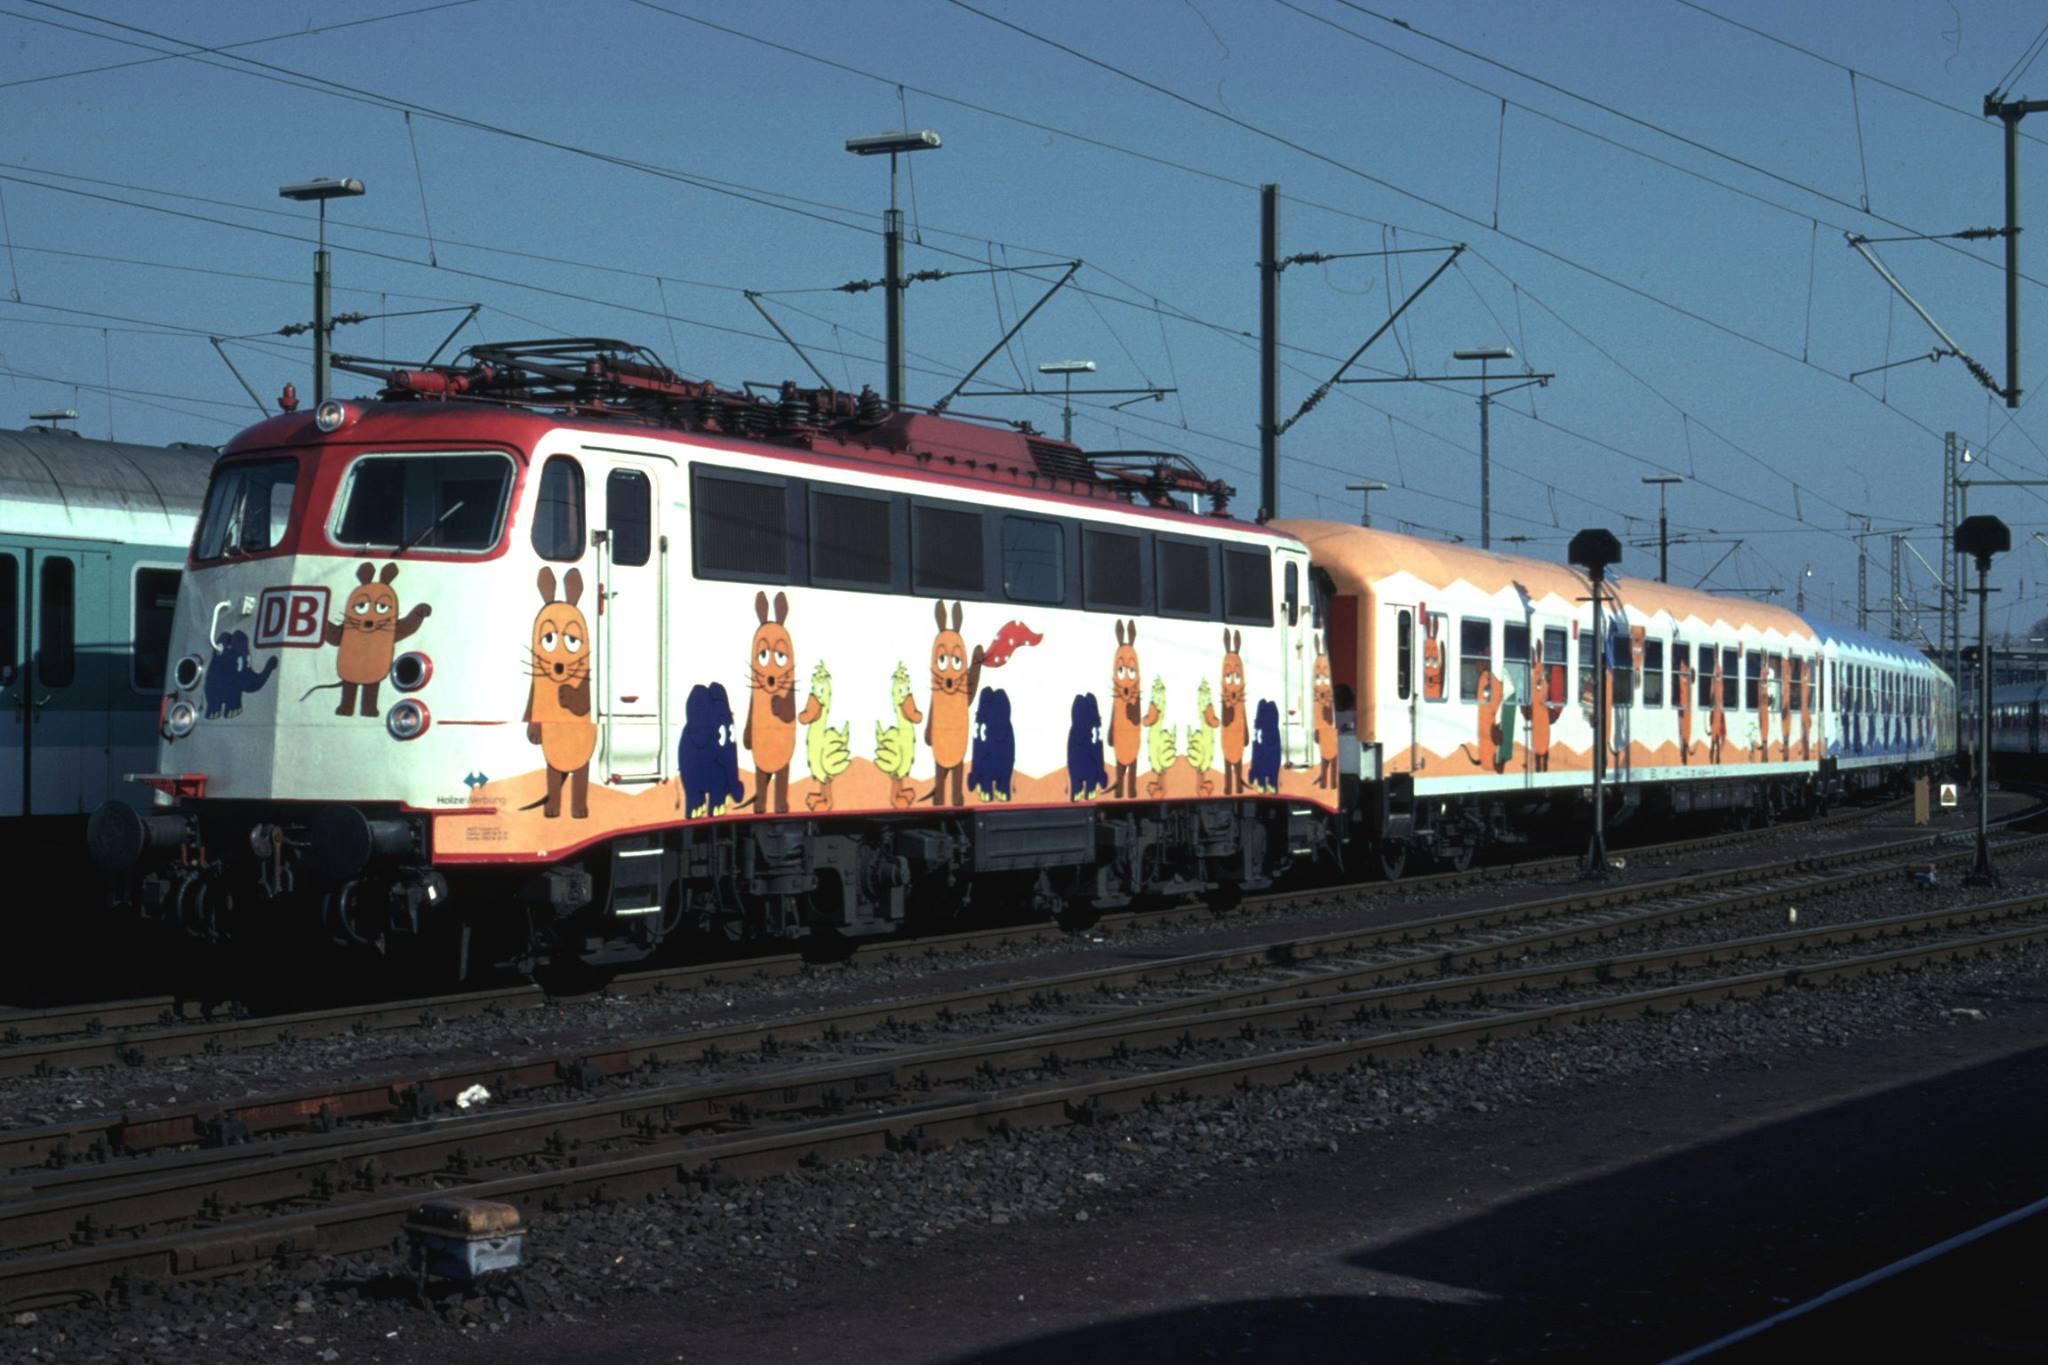 110 487 Mauszug Köln-Deutzerfeld 10.3.96